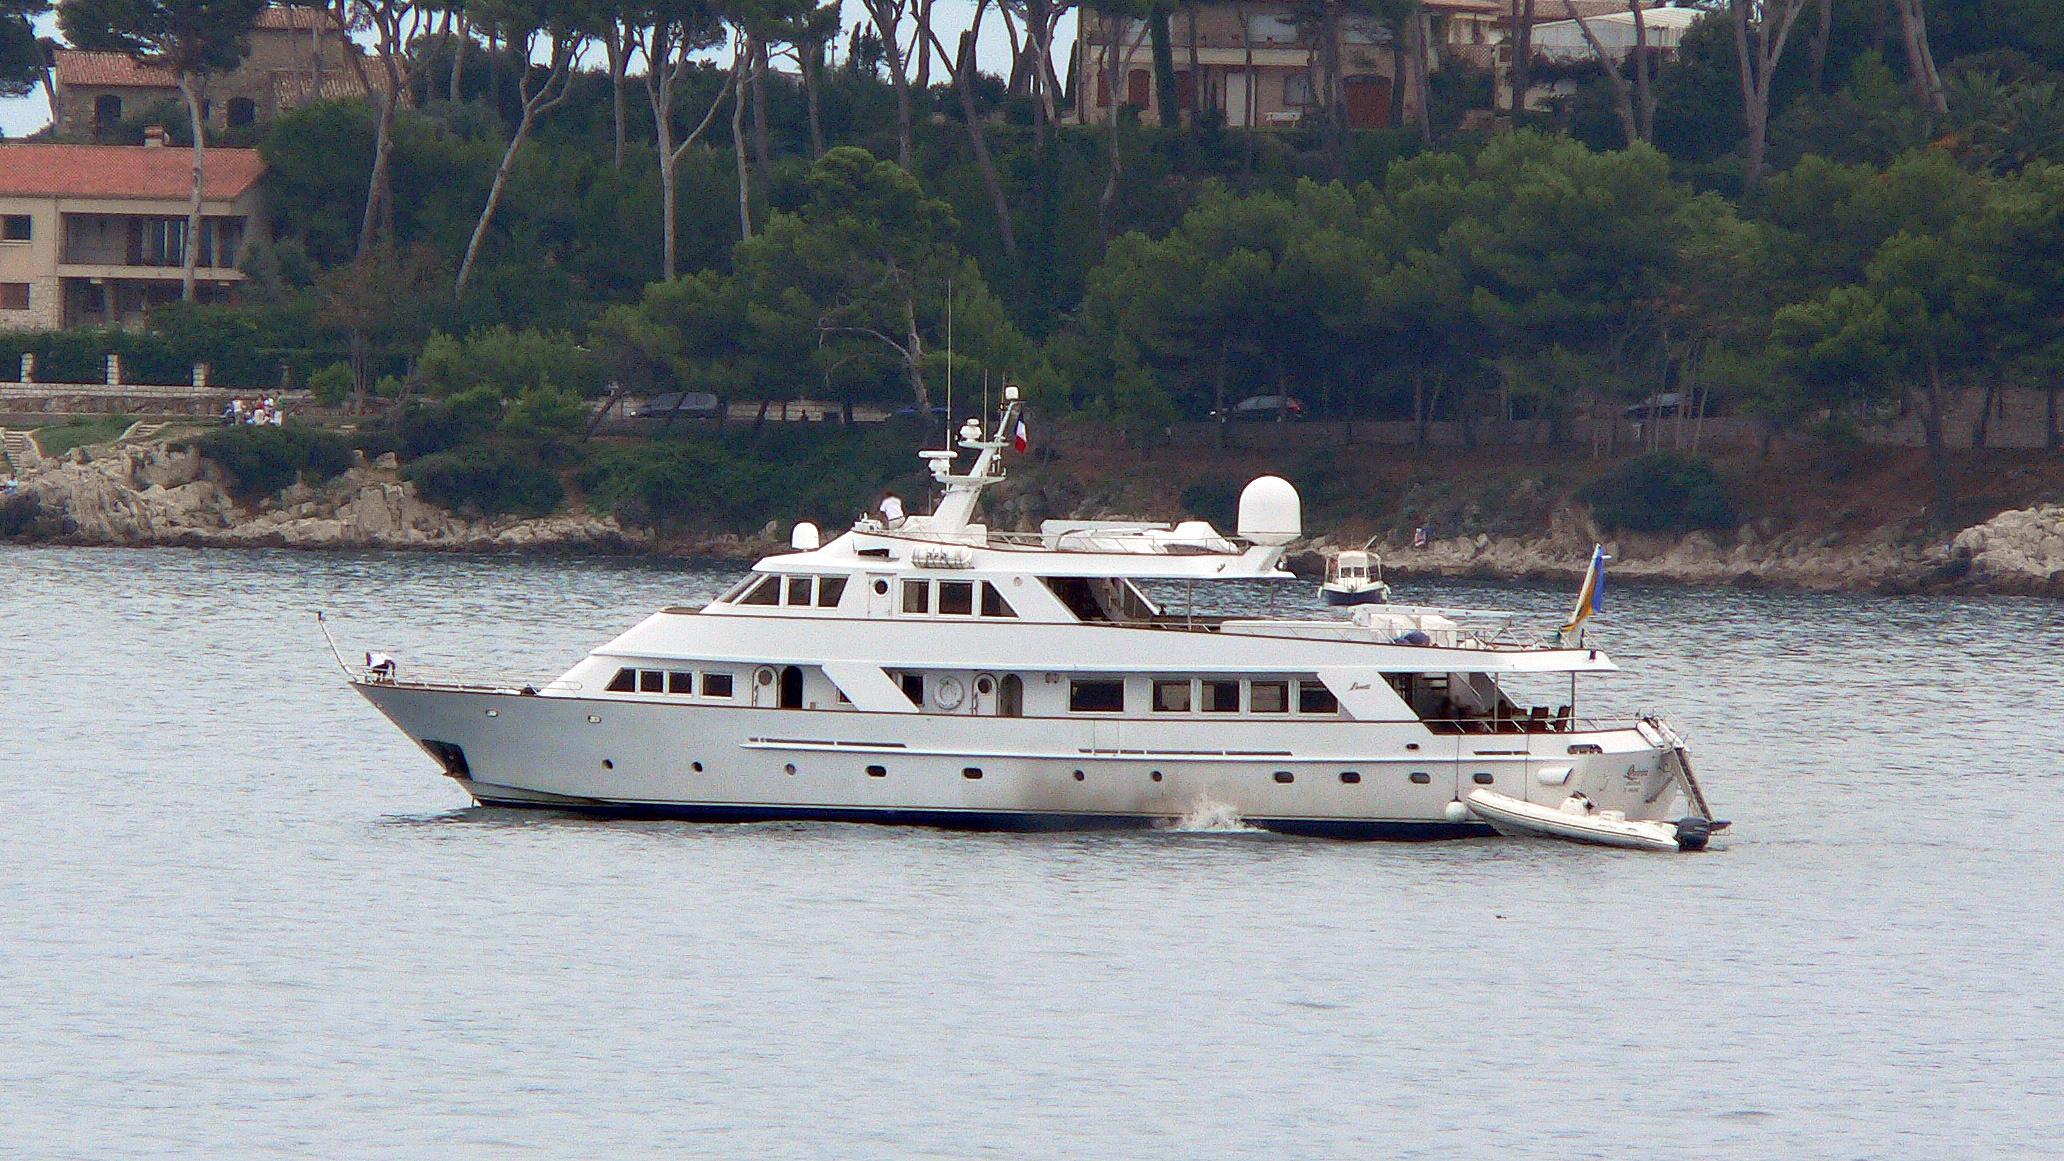 quivira-motor-yacht-benetti-1979-34m-profile-before-refit